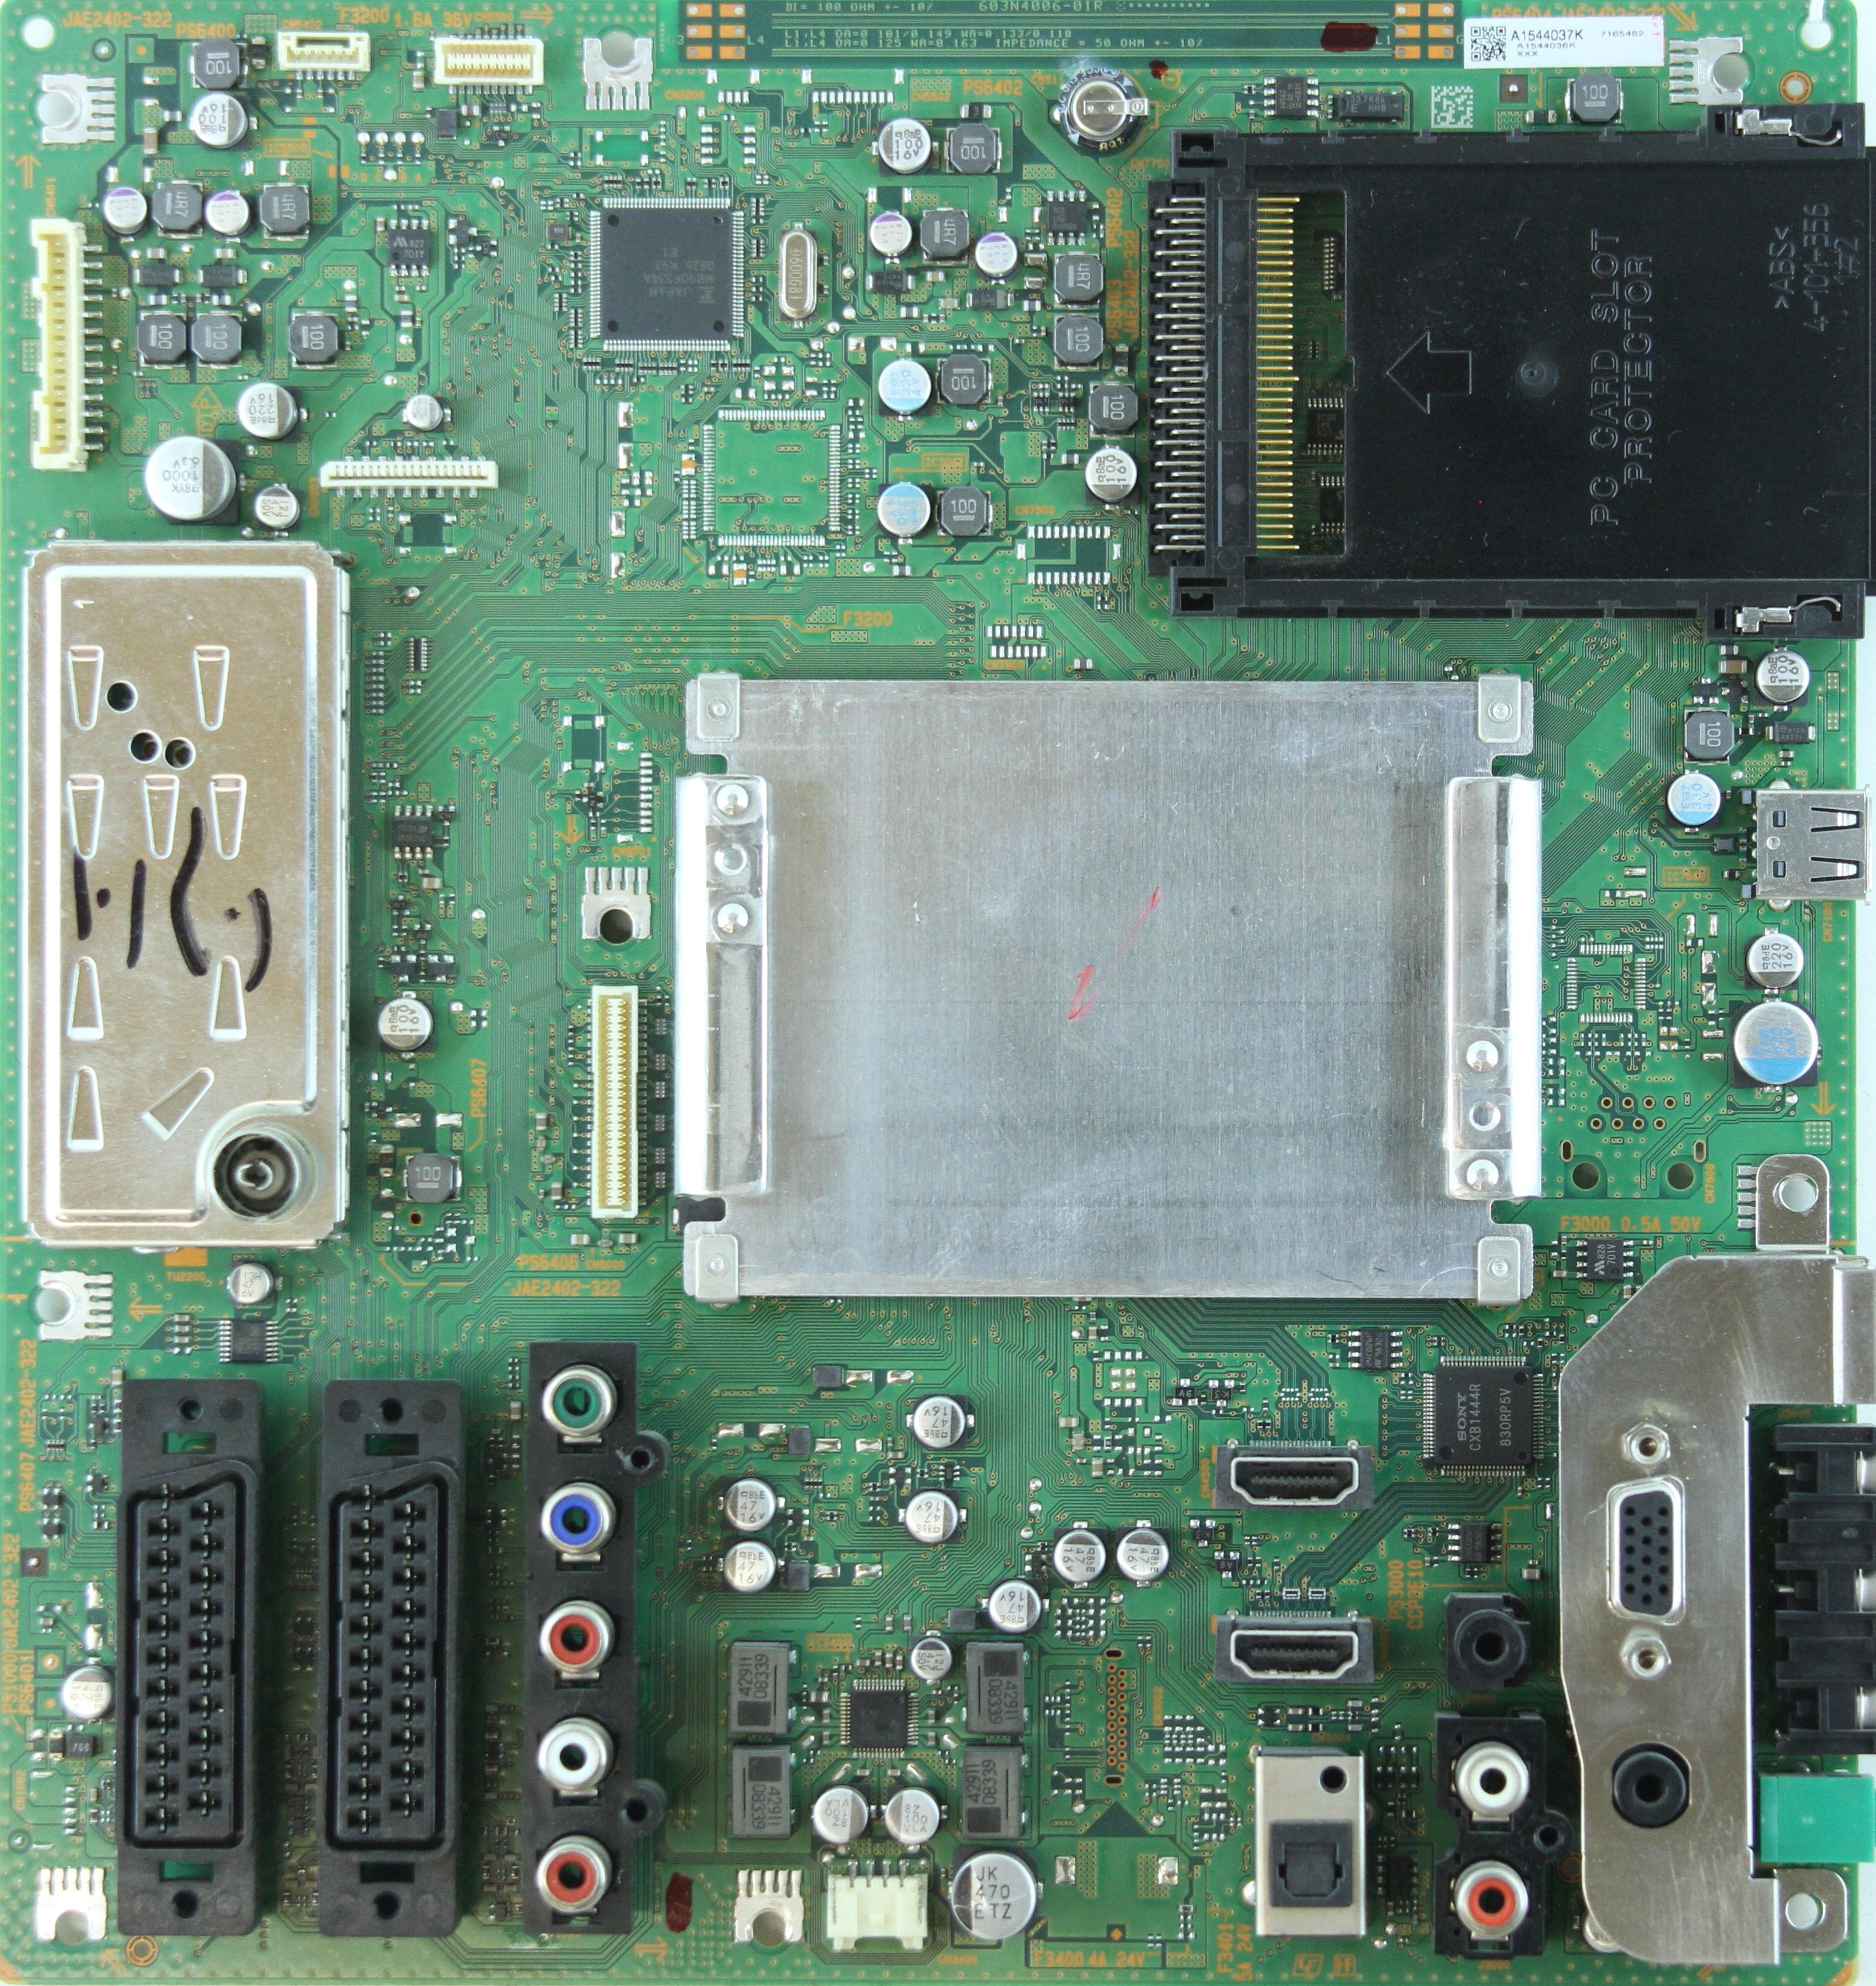 инструкция по настройке телевизора sony kdl 32v4500 с модулем